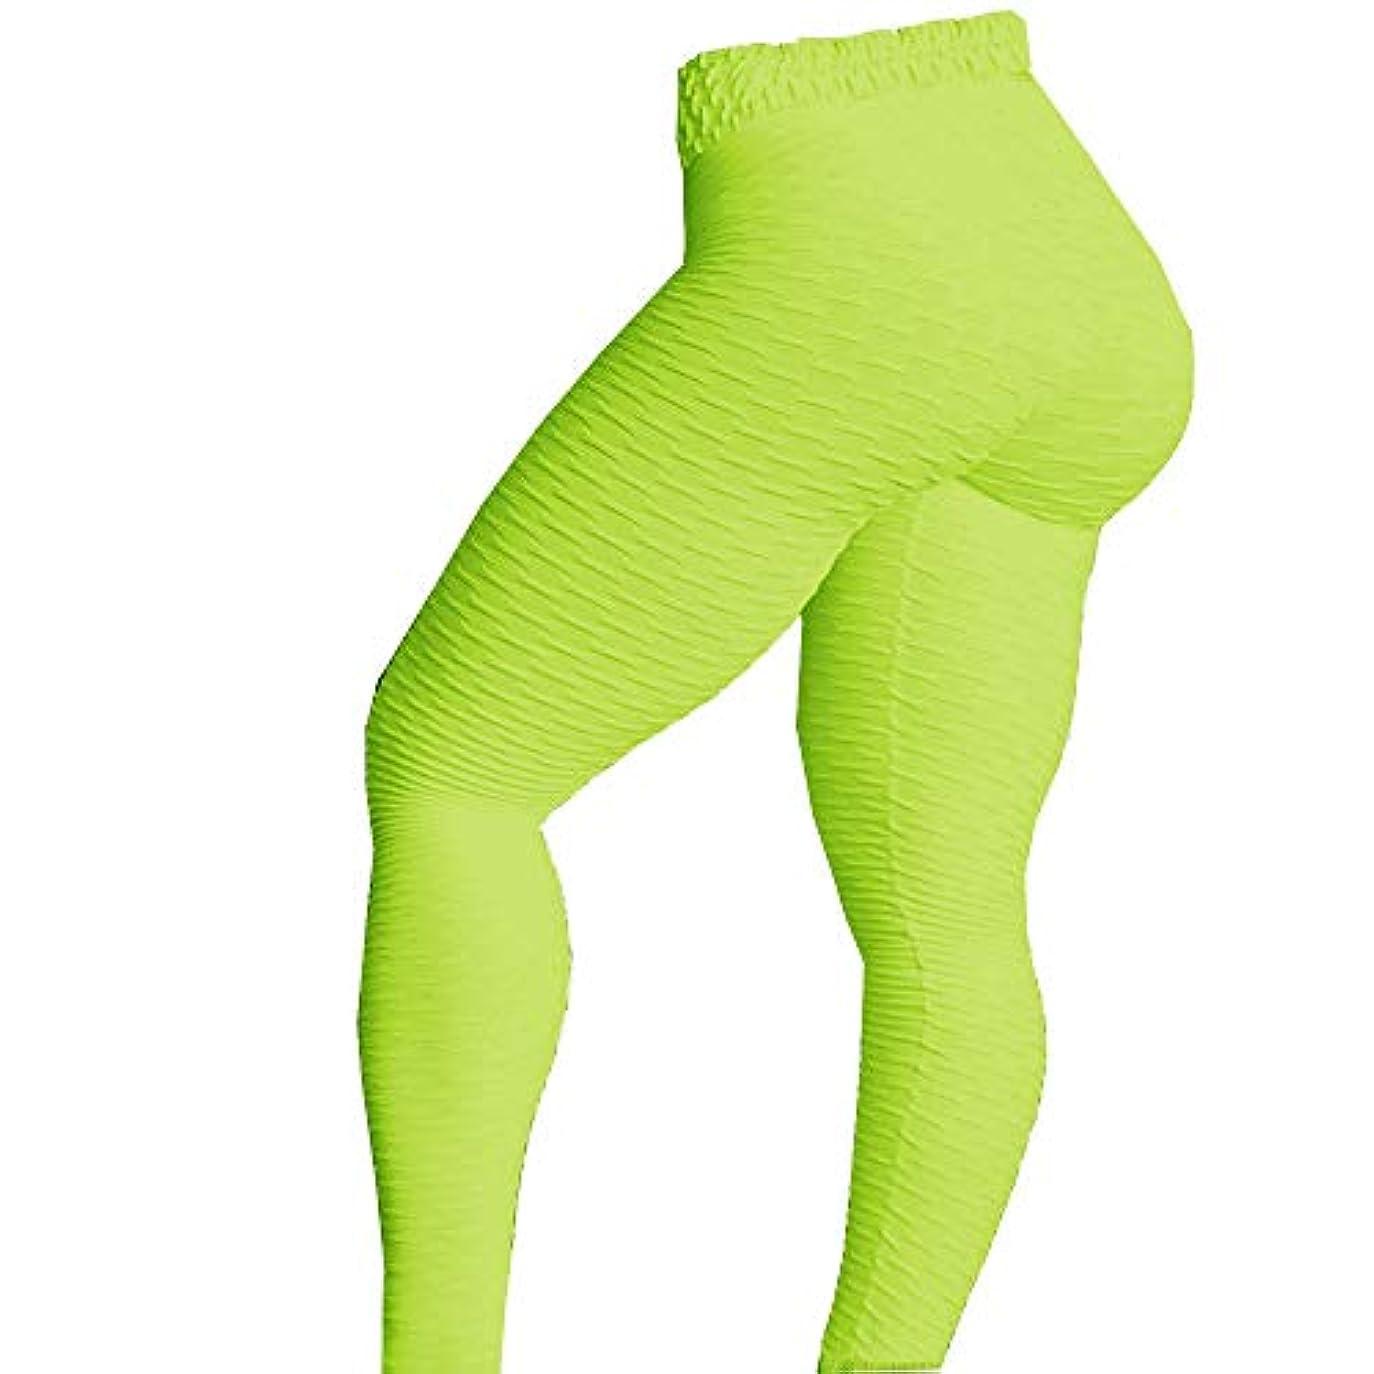 特徴づける触手狂信者MIFAN パンツ女性、ハイウエストパンツ、スキニーパンツ、ヨガレギンス、女性のズボン、ランニングパンツ、スポーツウェア